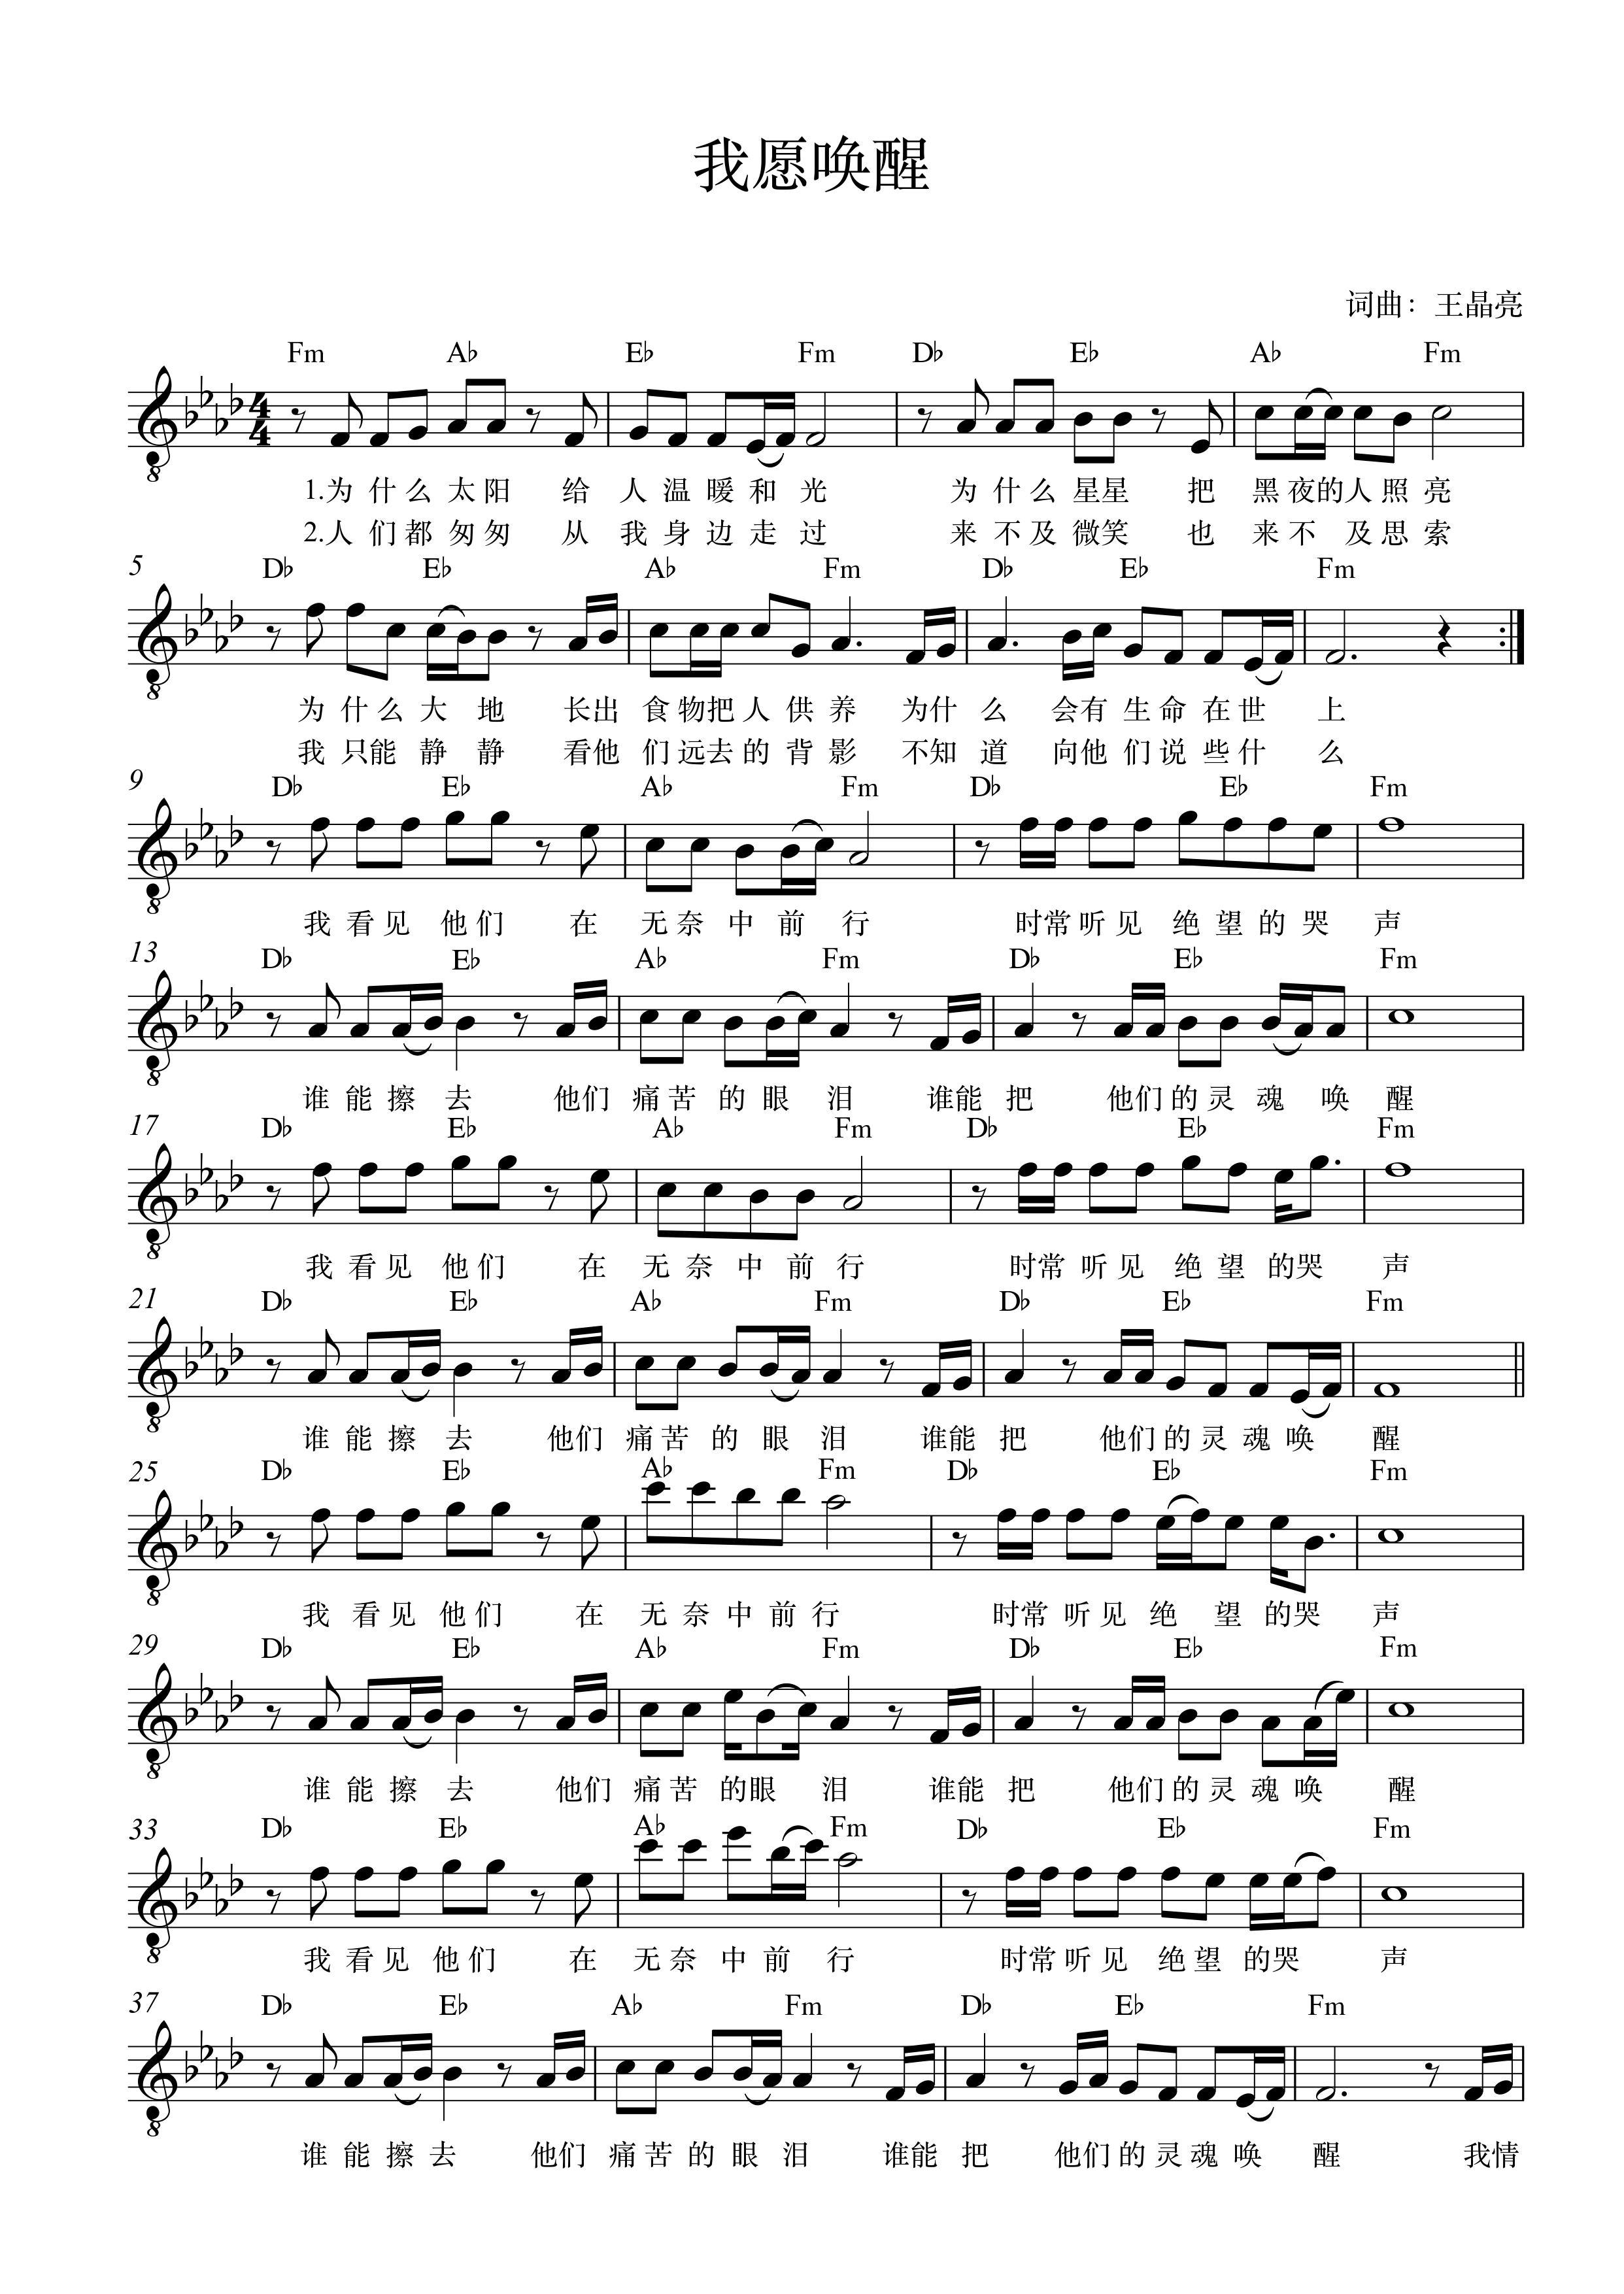 《我愿唤醒  官方和弦五线谱》